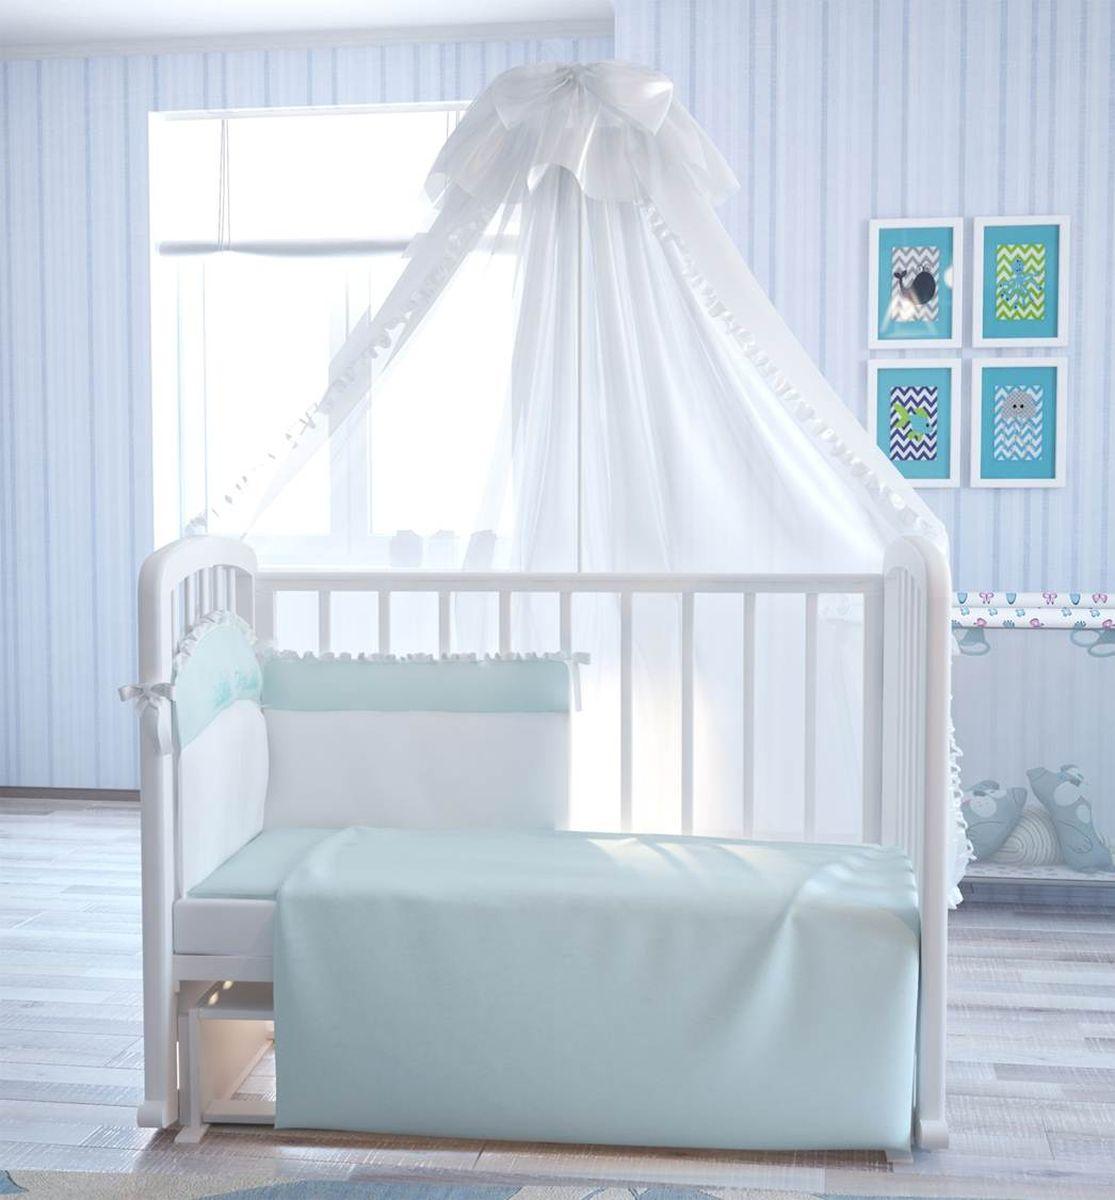 Fairy Комплект белья для новорожденных Сладкий сон цвет белый голубой 7 предметов5618